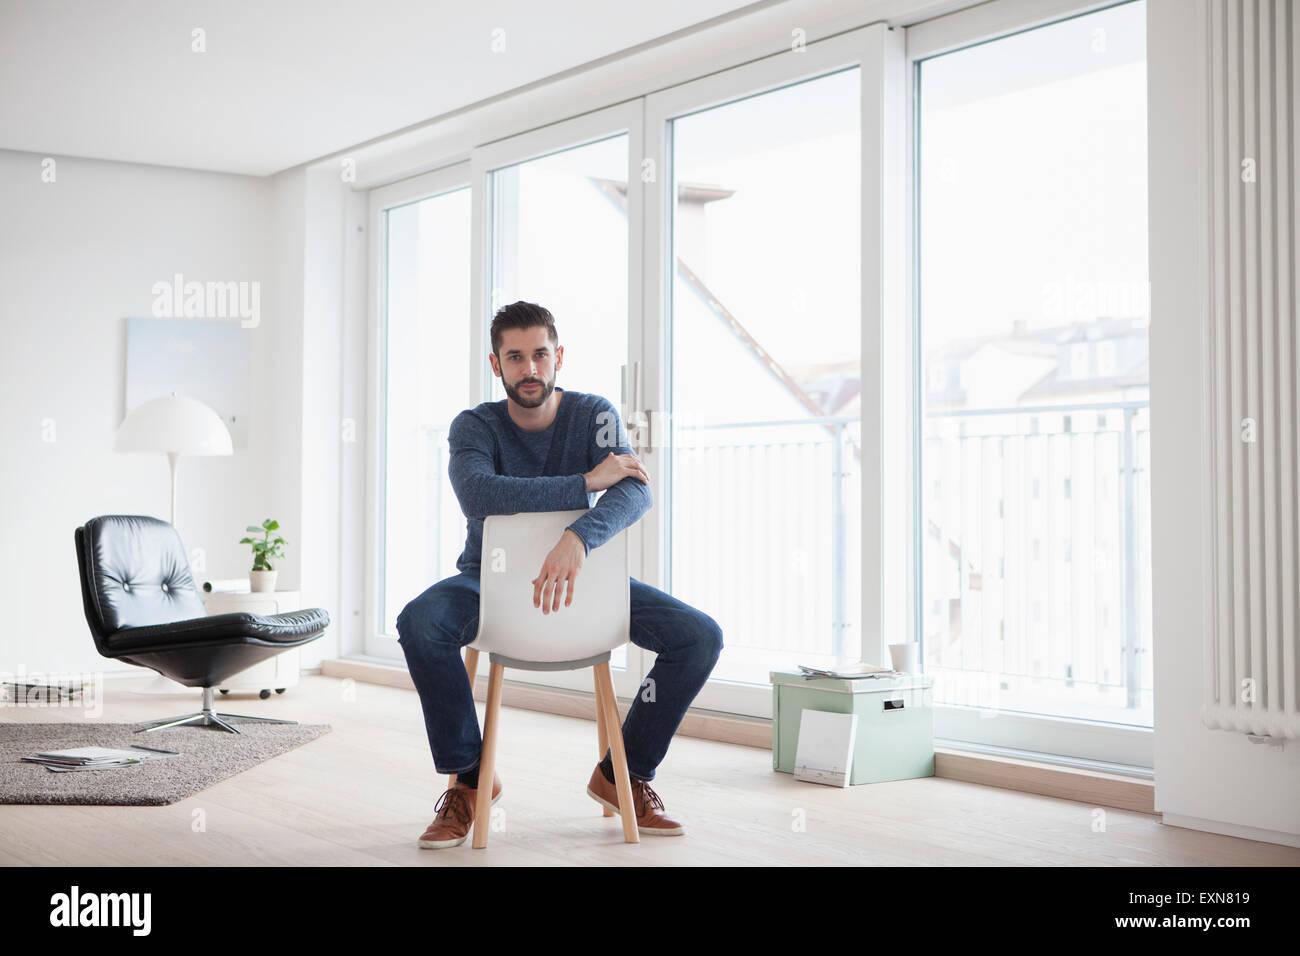 Junger Mann sitzt auf einem Stuhl in seinem Wohnzimmer Stockfoto ...